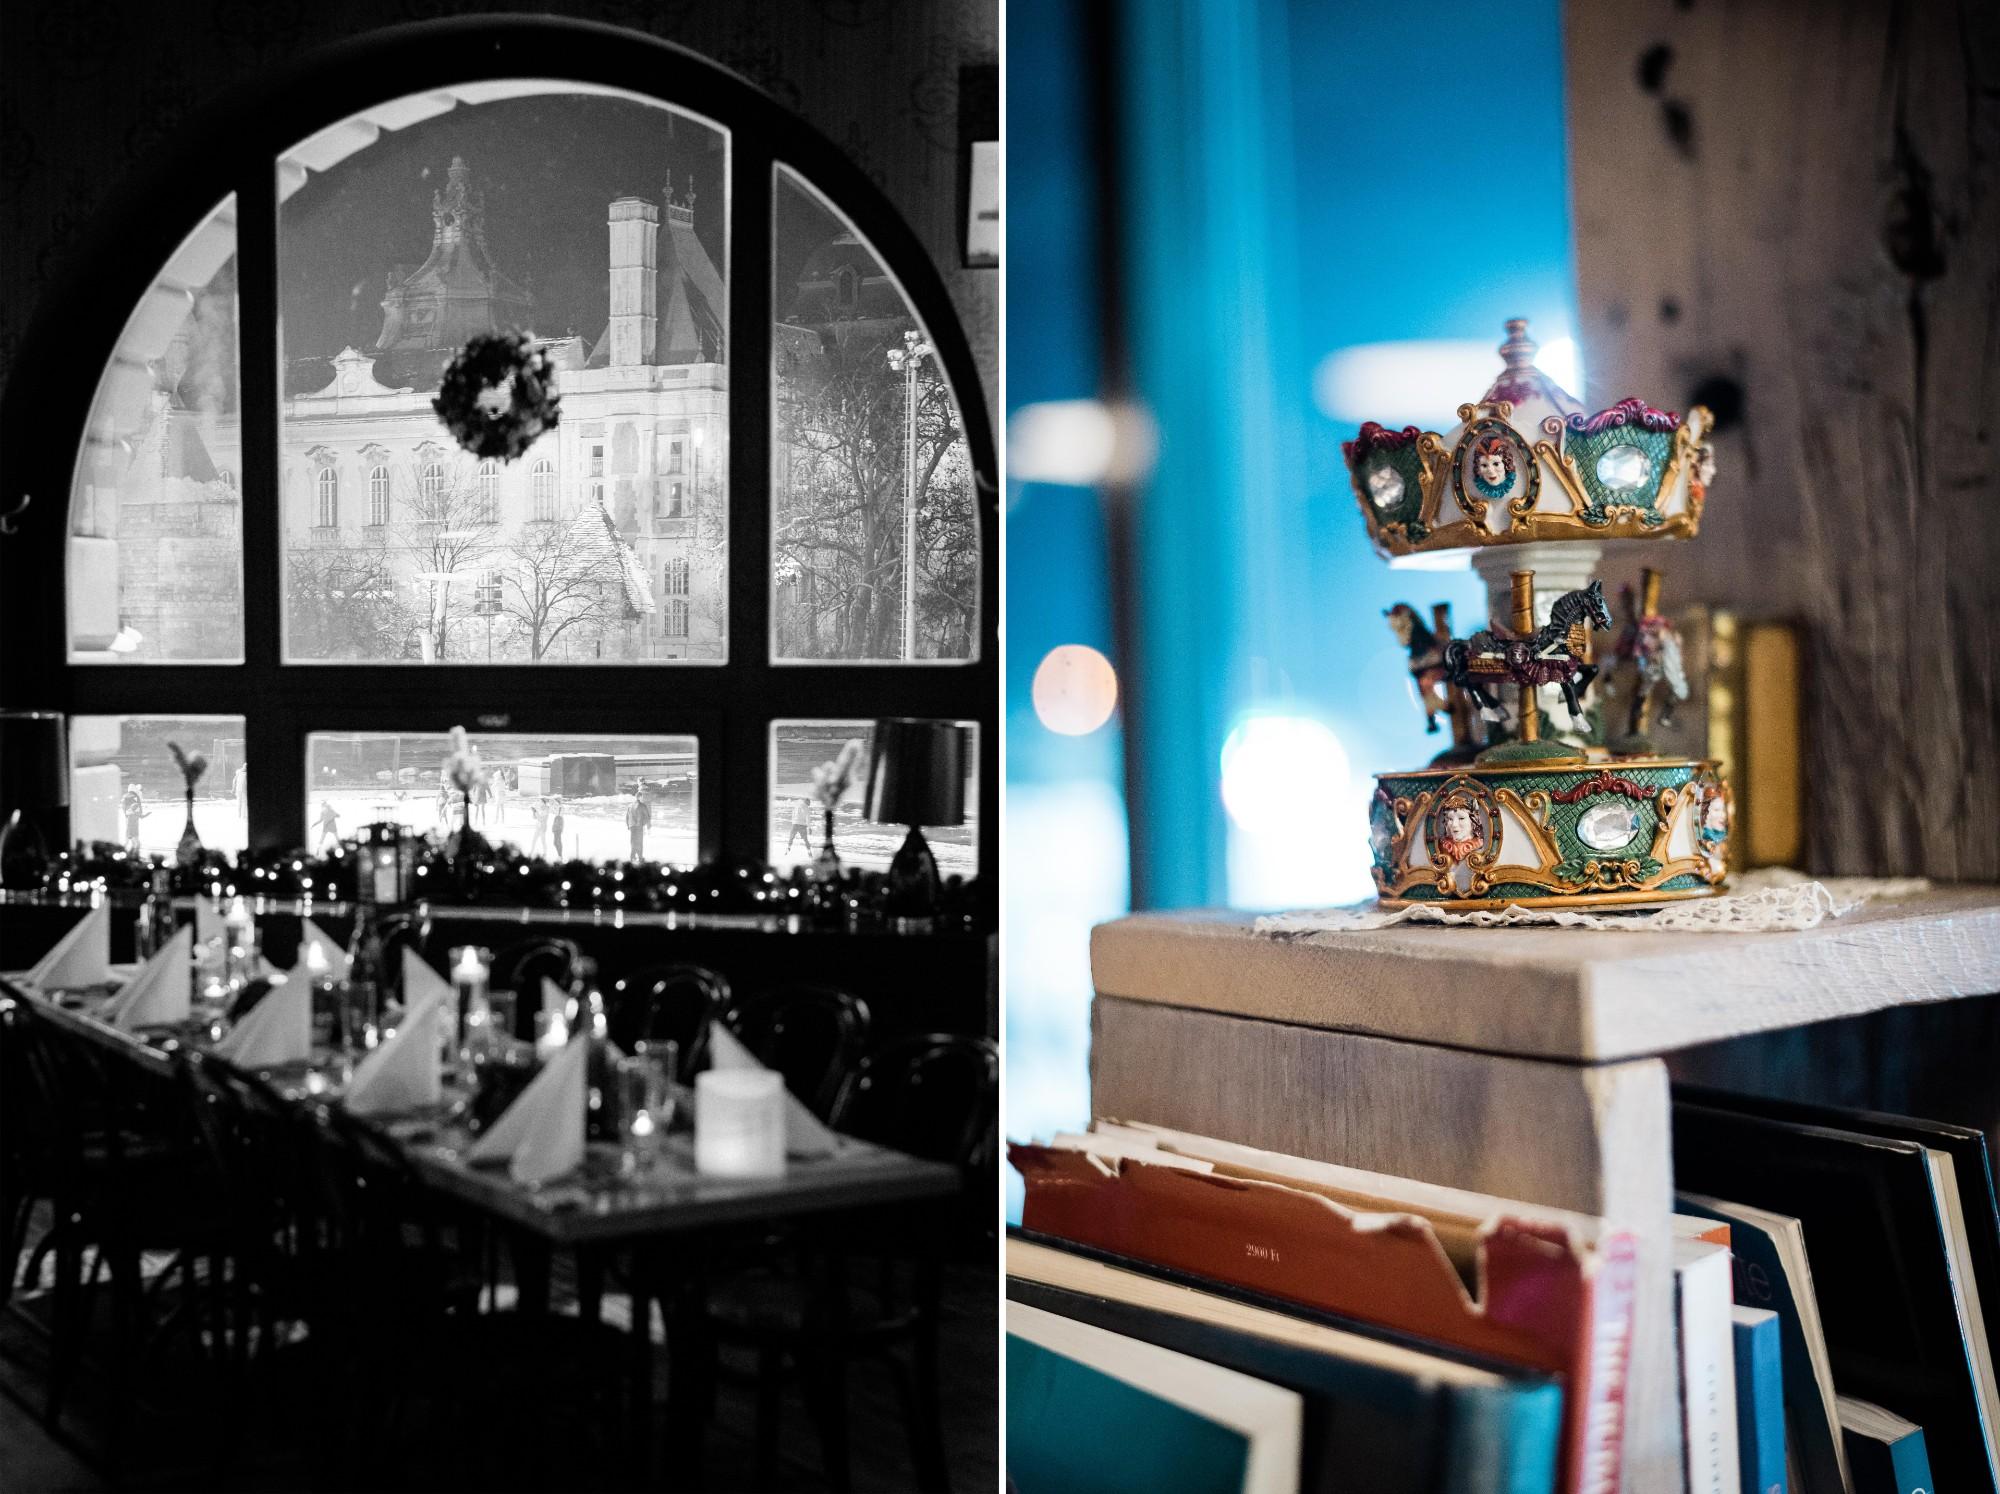 téli esküvő dekoráció jégpálya étterem dekoráció.jpg